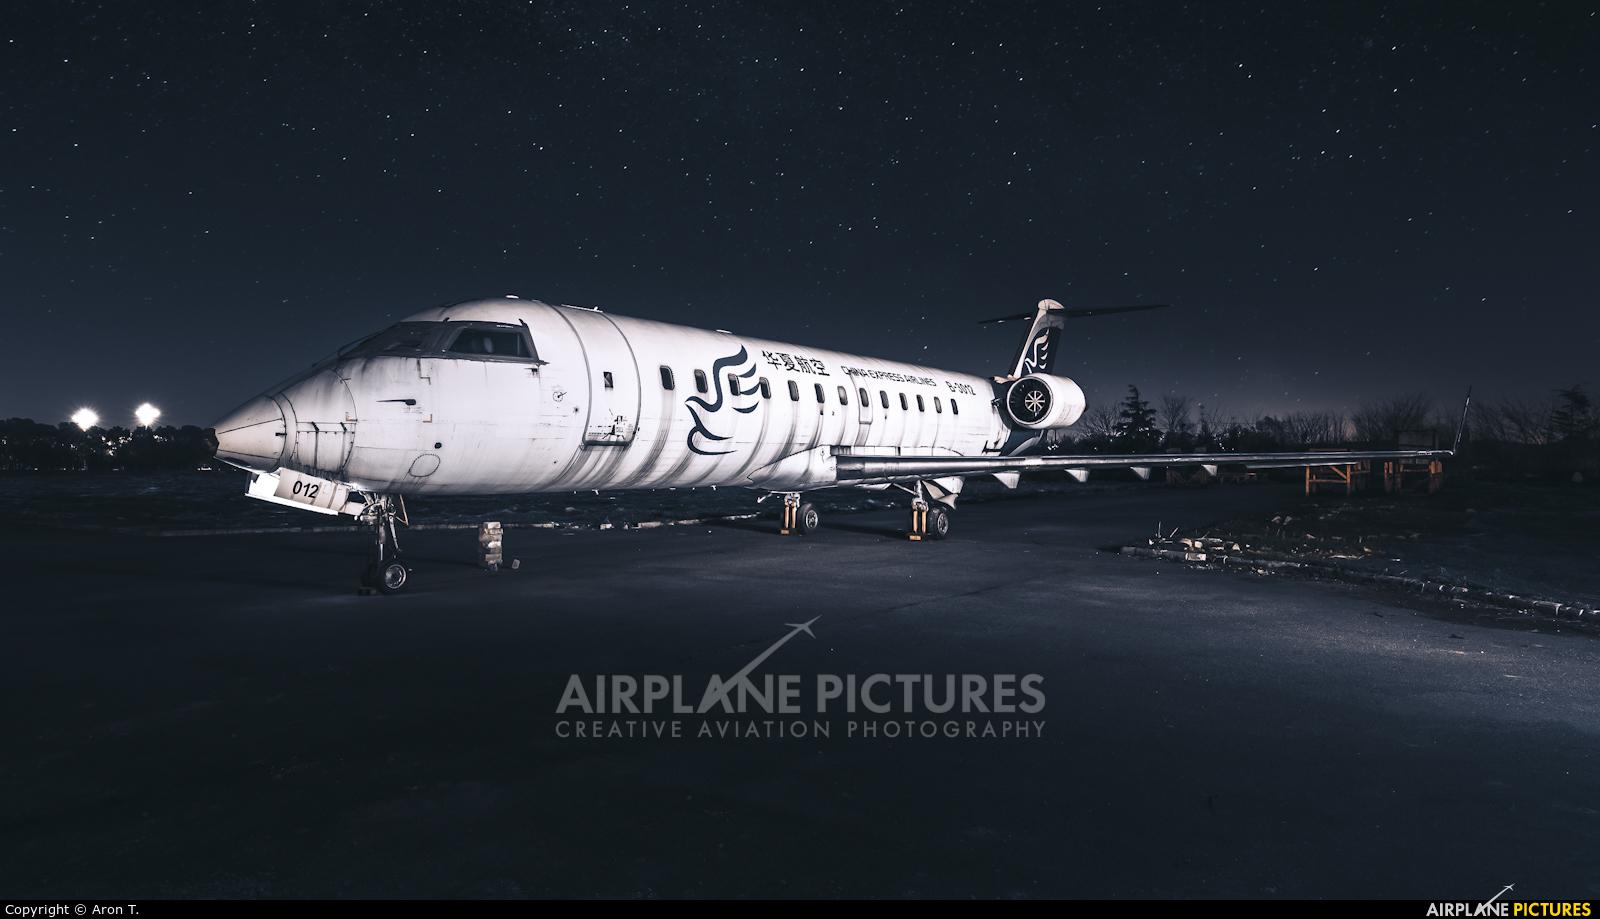 China Express Airlines B-3012 aircraft at Off Airport - China